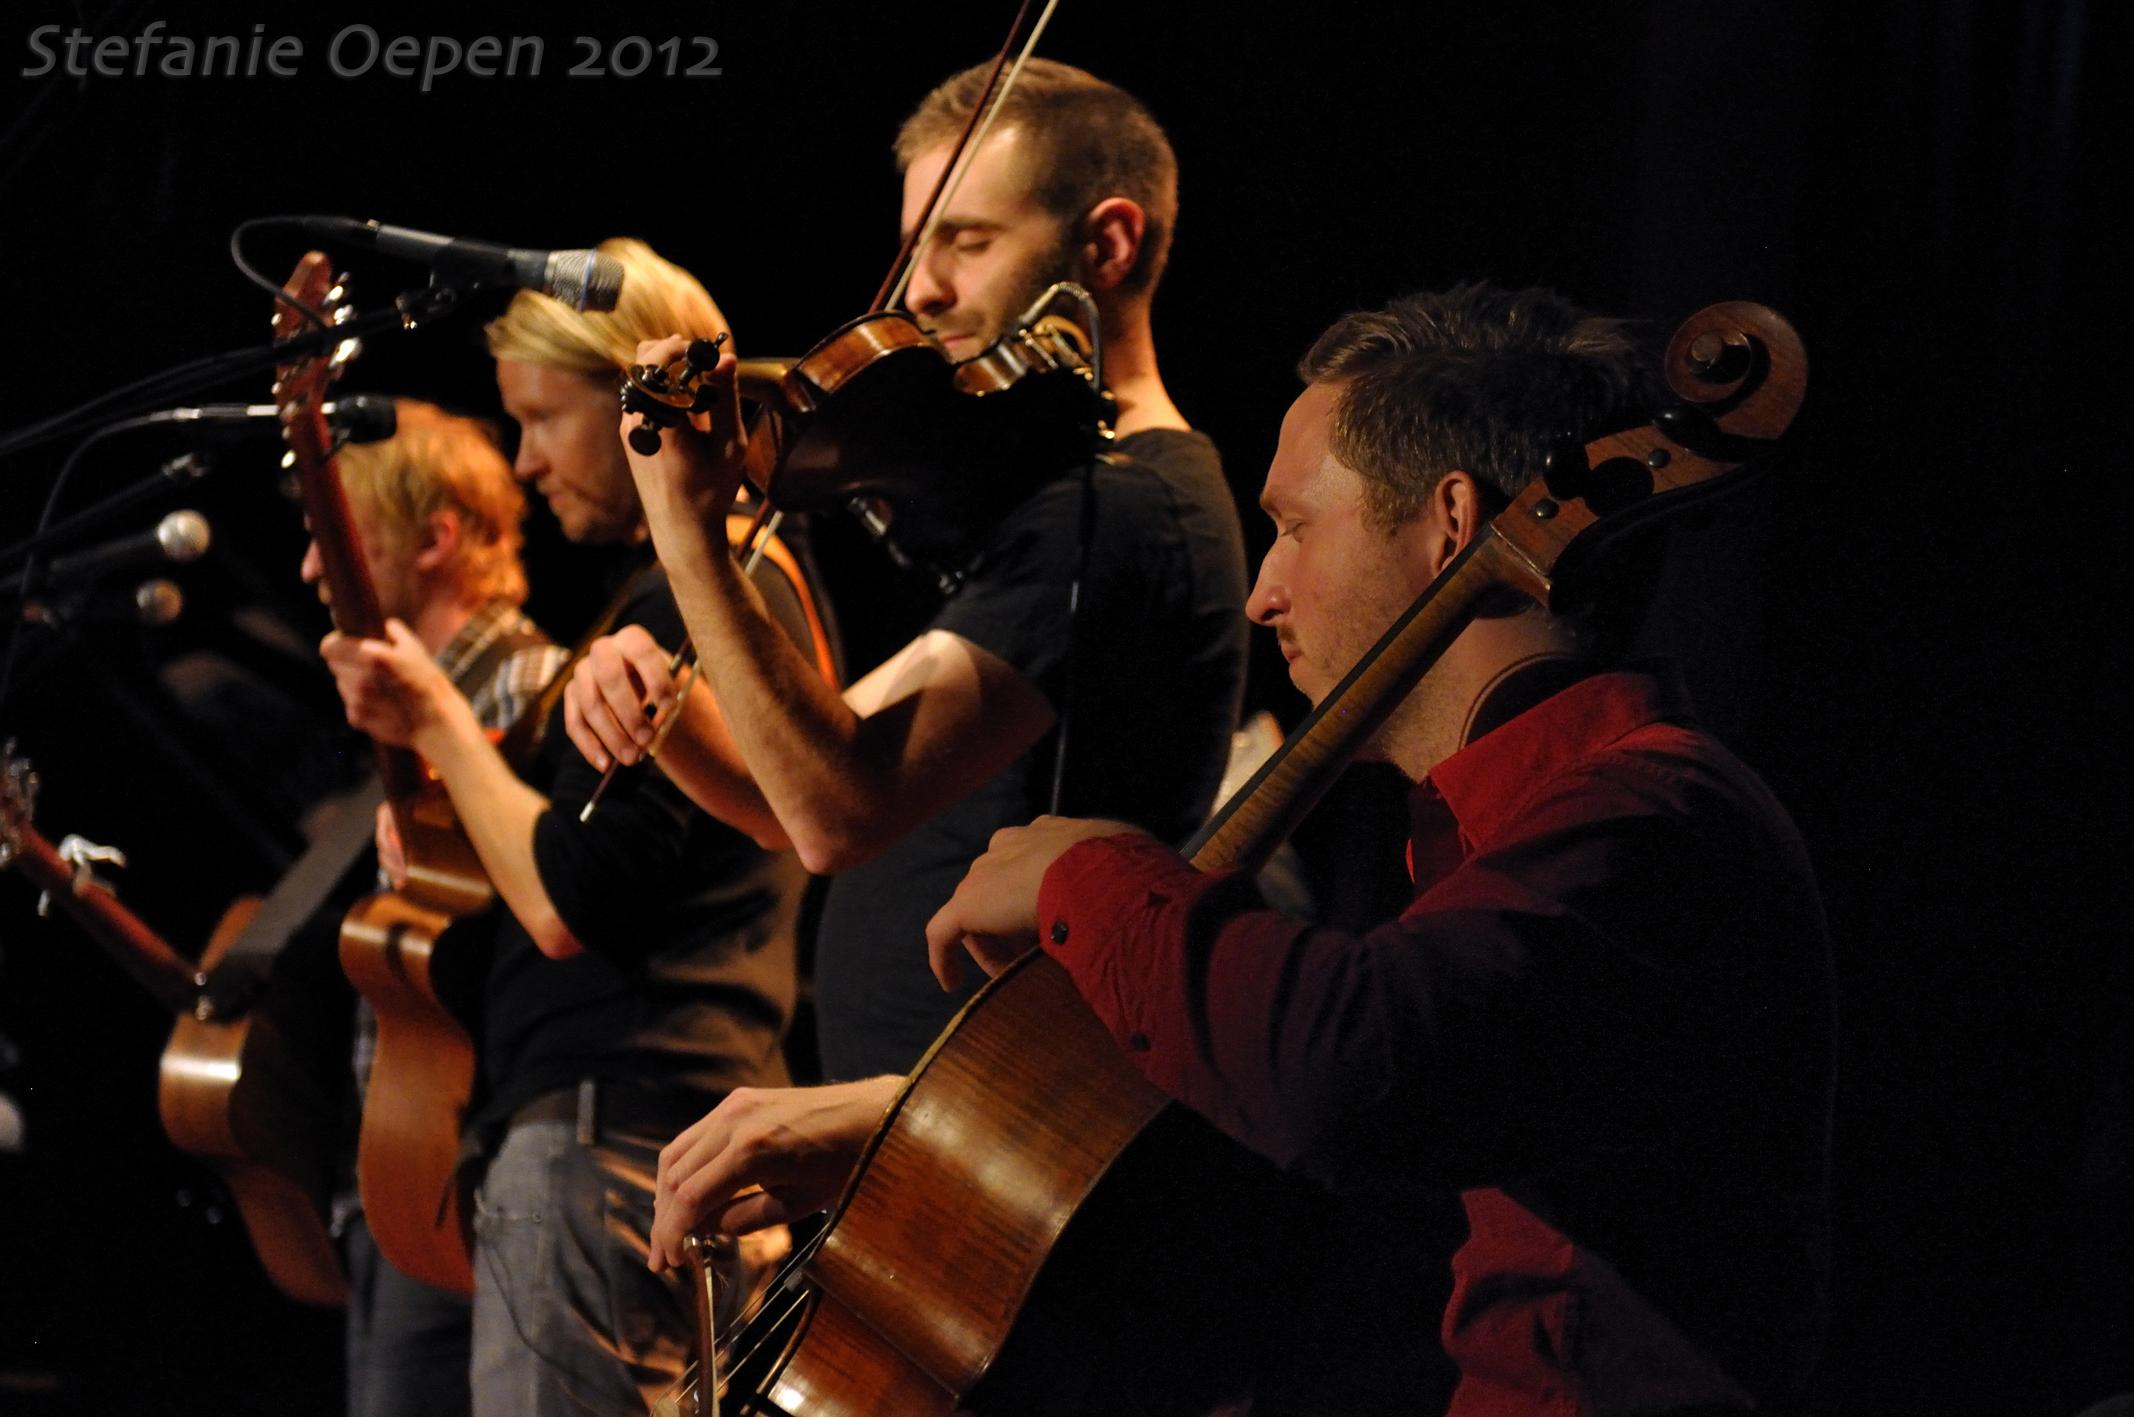 Gunnar Már Jakobsson, Ragnar Ólafsson, Karl James Pestka and Hallgrímur Jónas Jensson (Árstíðir); Osnabrück 2012